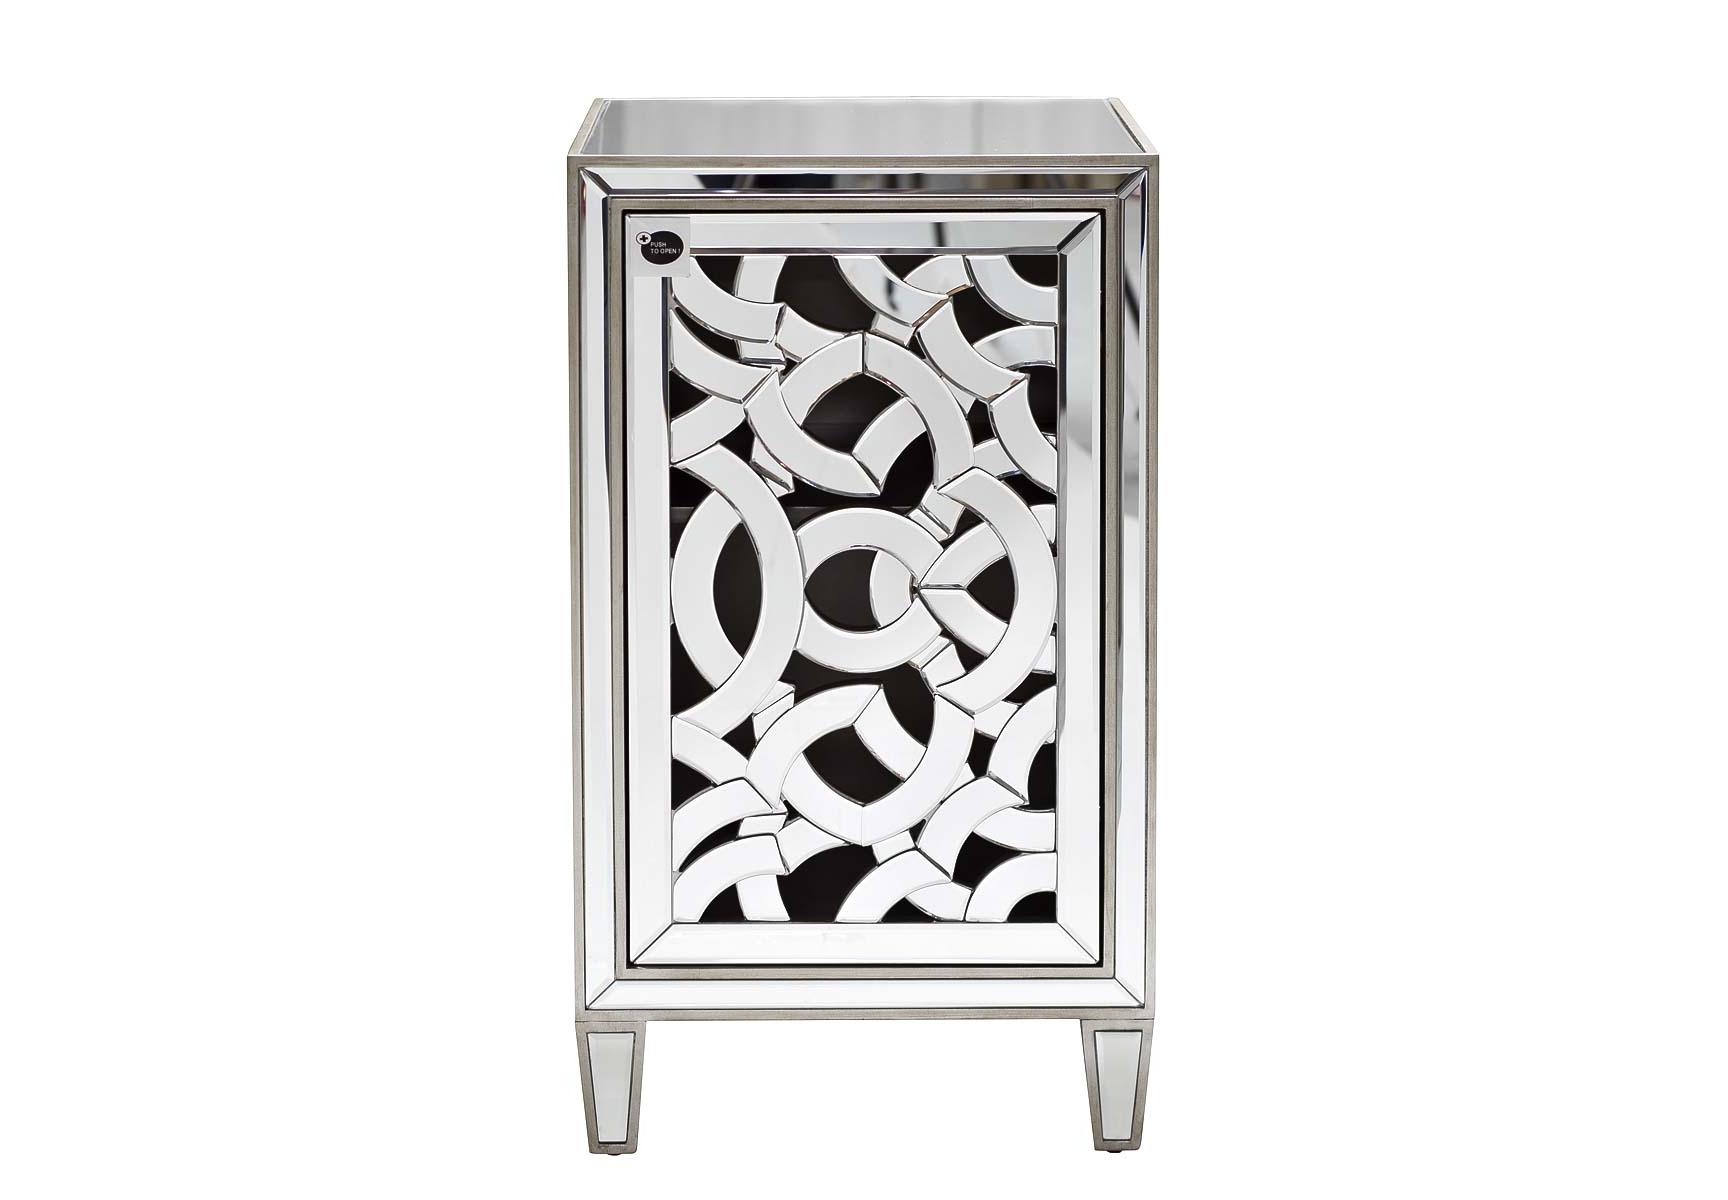 Туалетный столик Garda Decor 4152998 от thefurnish